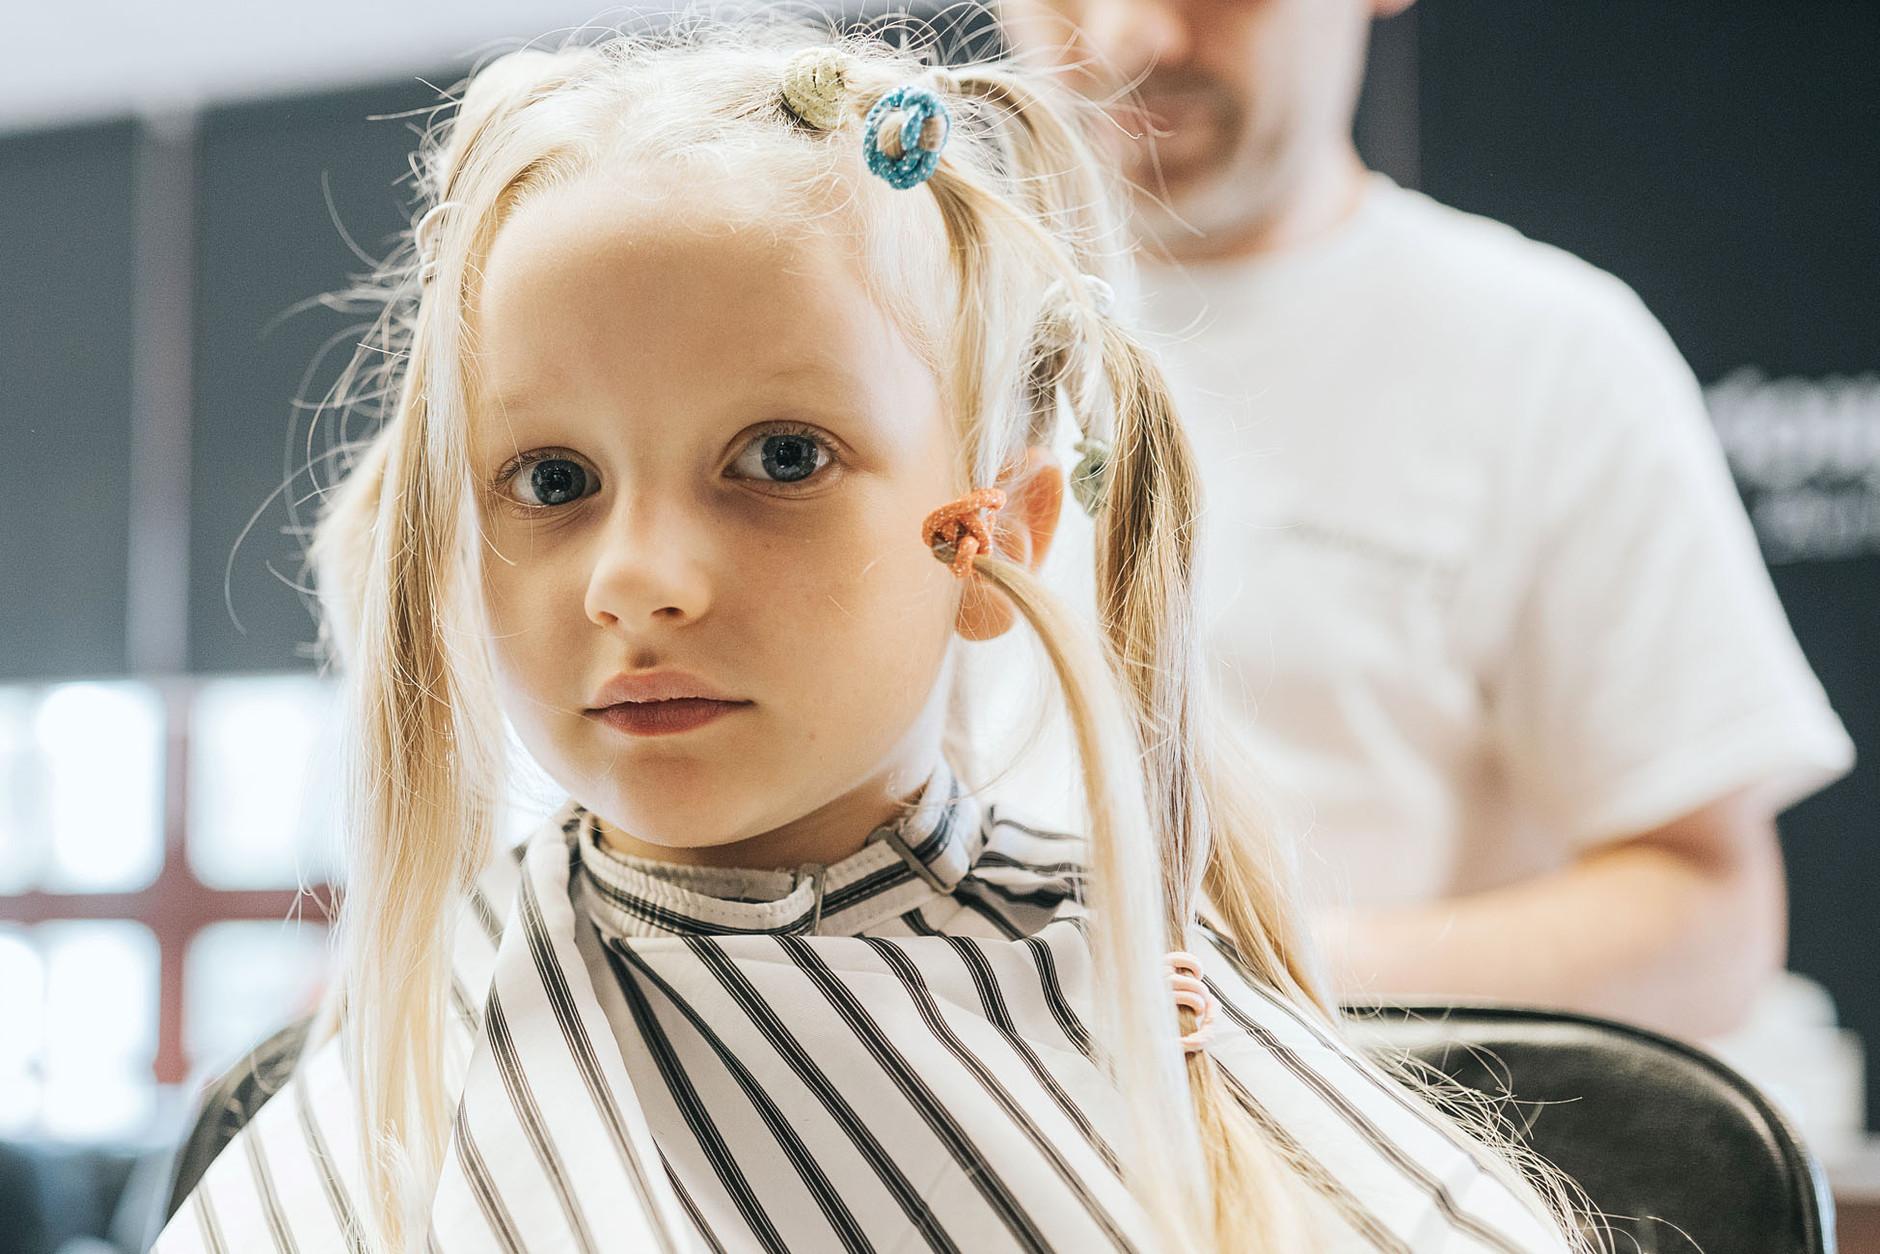 dublin-documentary-family-photography-finn-haircut-0012.jpg